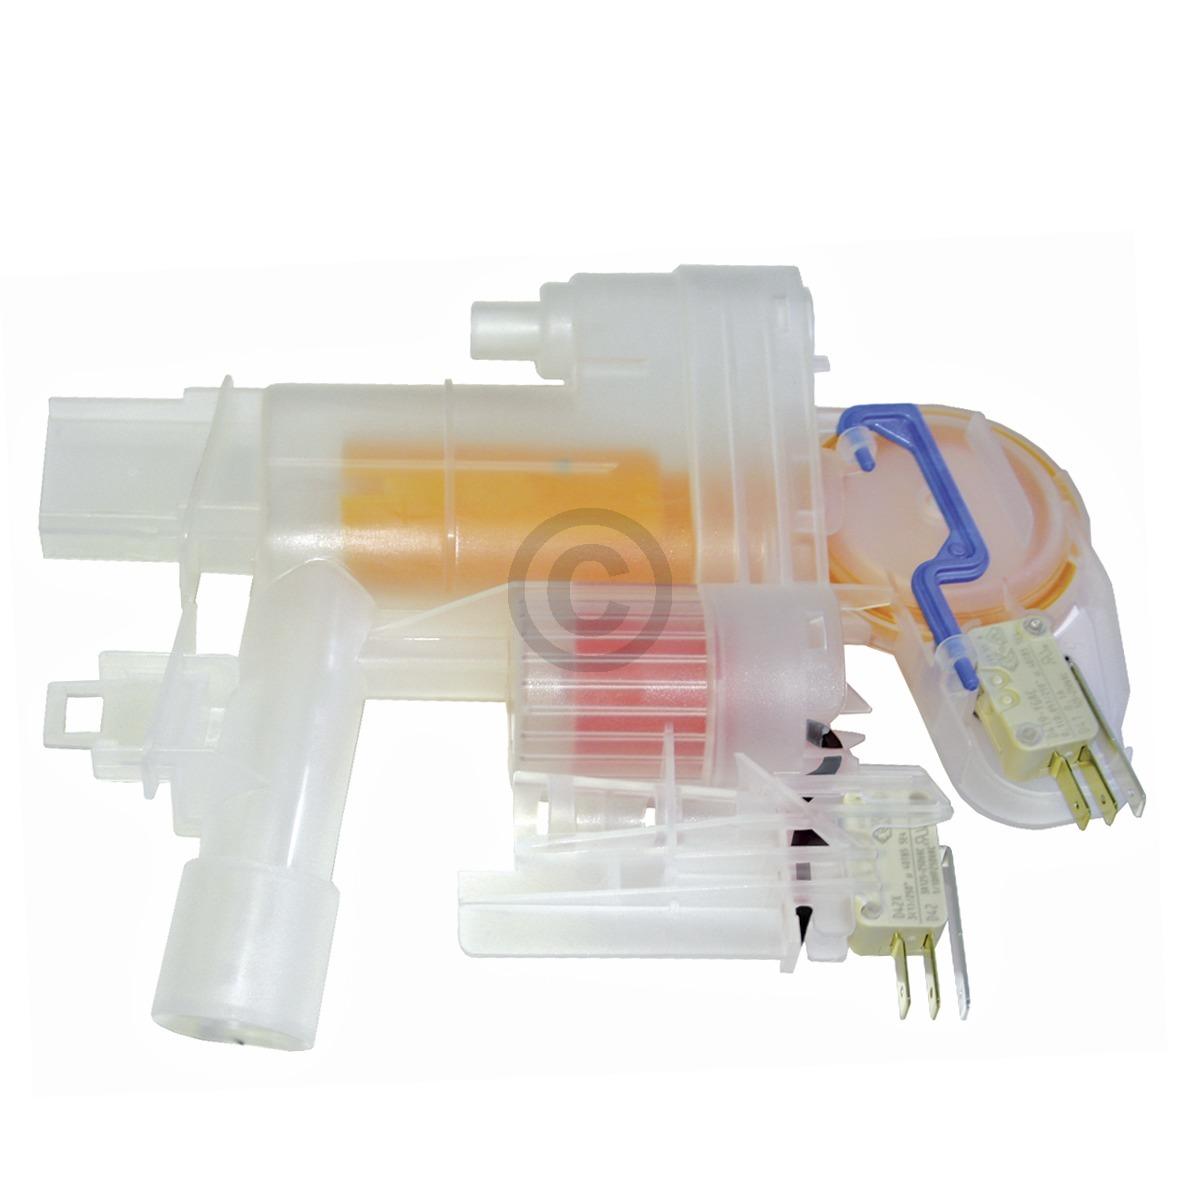 Wasserstandsreglergehäuse kpl. 00482936 482936 Bosch, Siemens, Neff